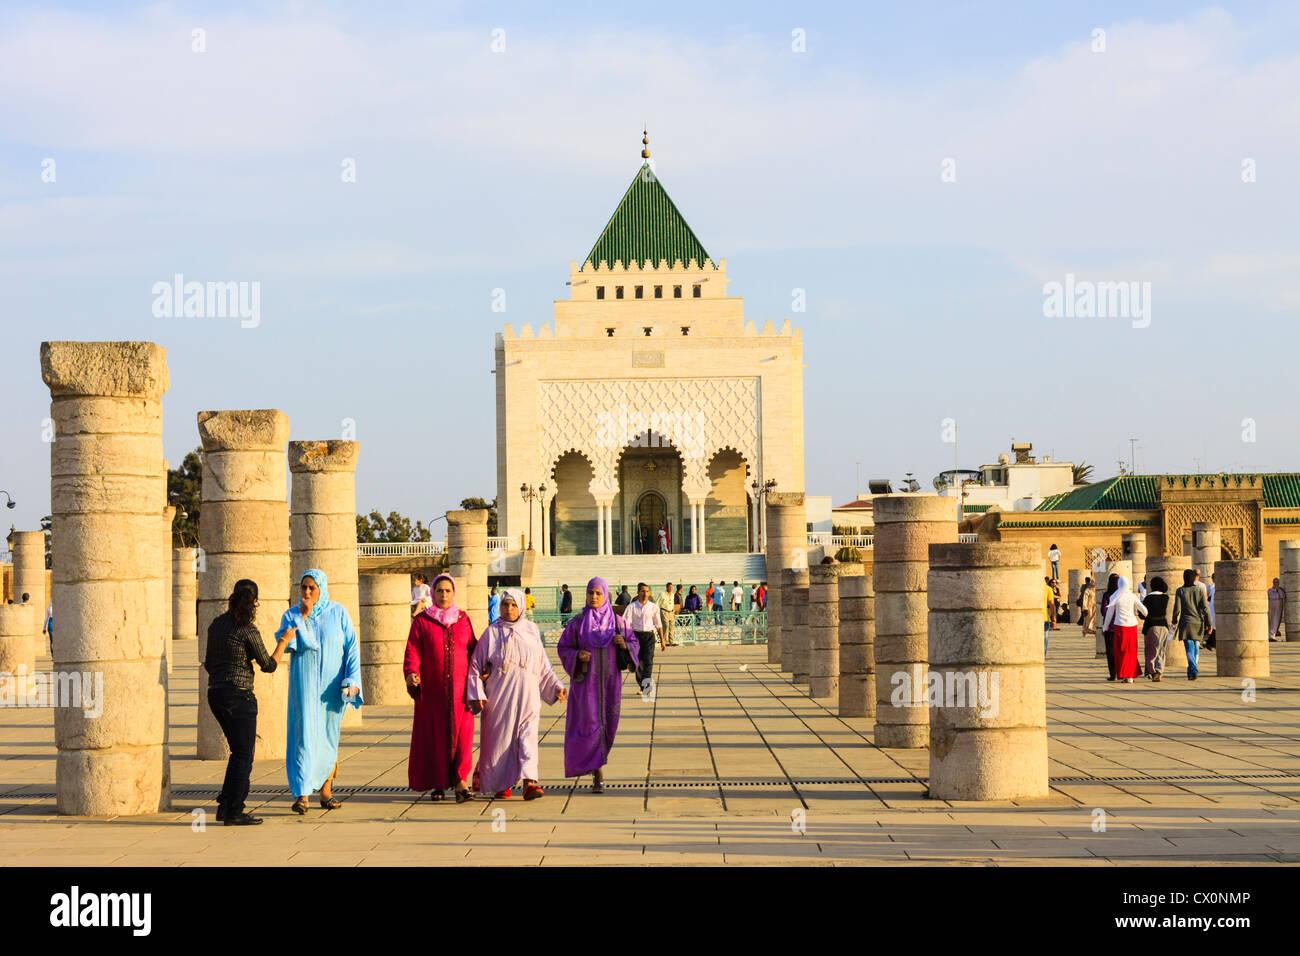 Menschen durch das Mausoleum von Mohammed V Rabat Marokko Stockbild